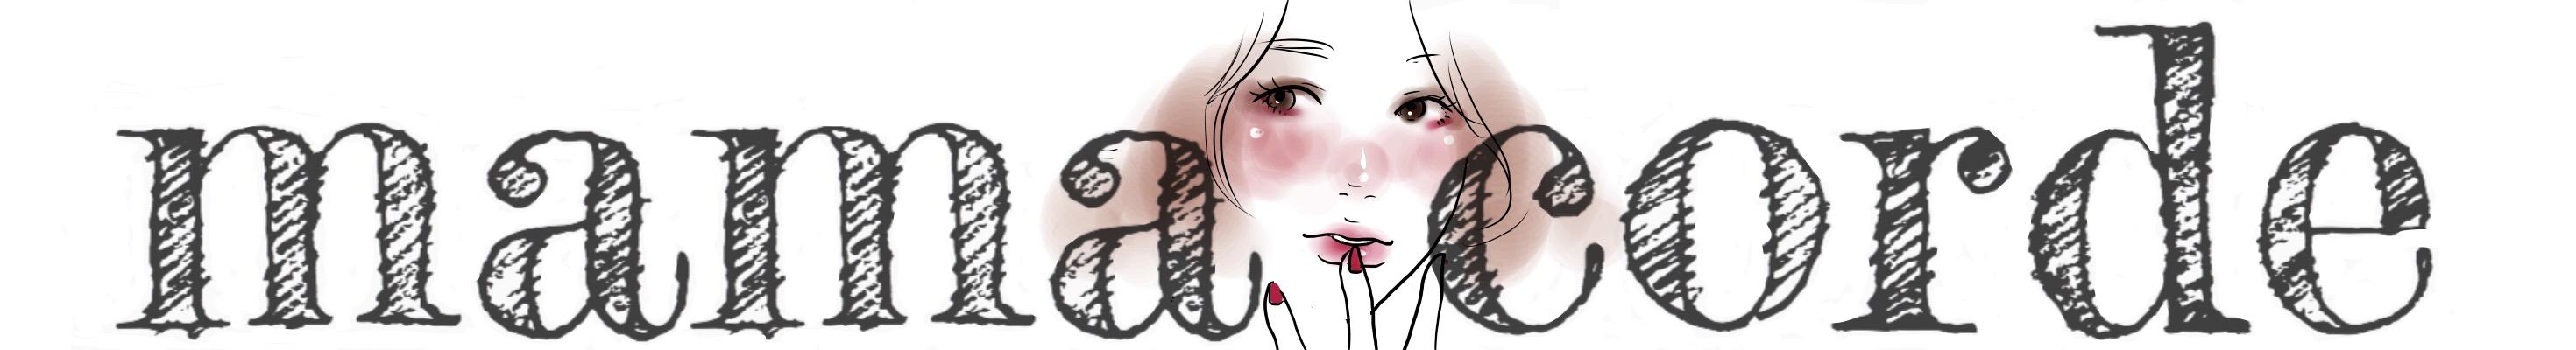 【ママもオシャレに綺麗になりたい!】mama corde